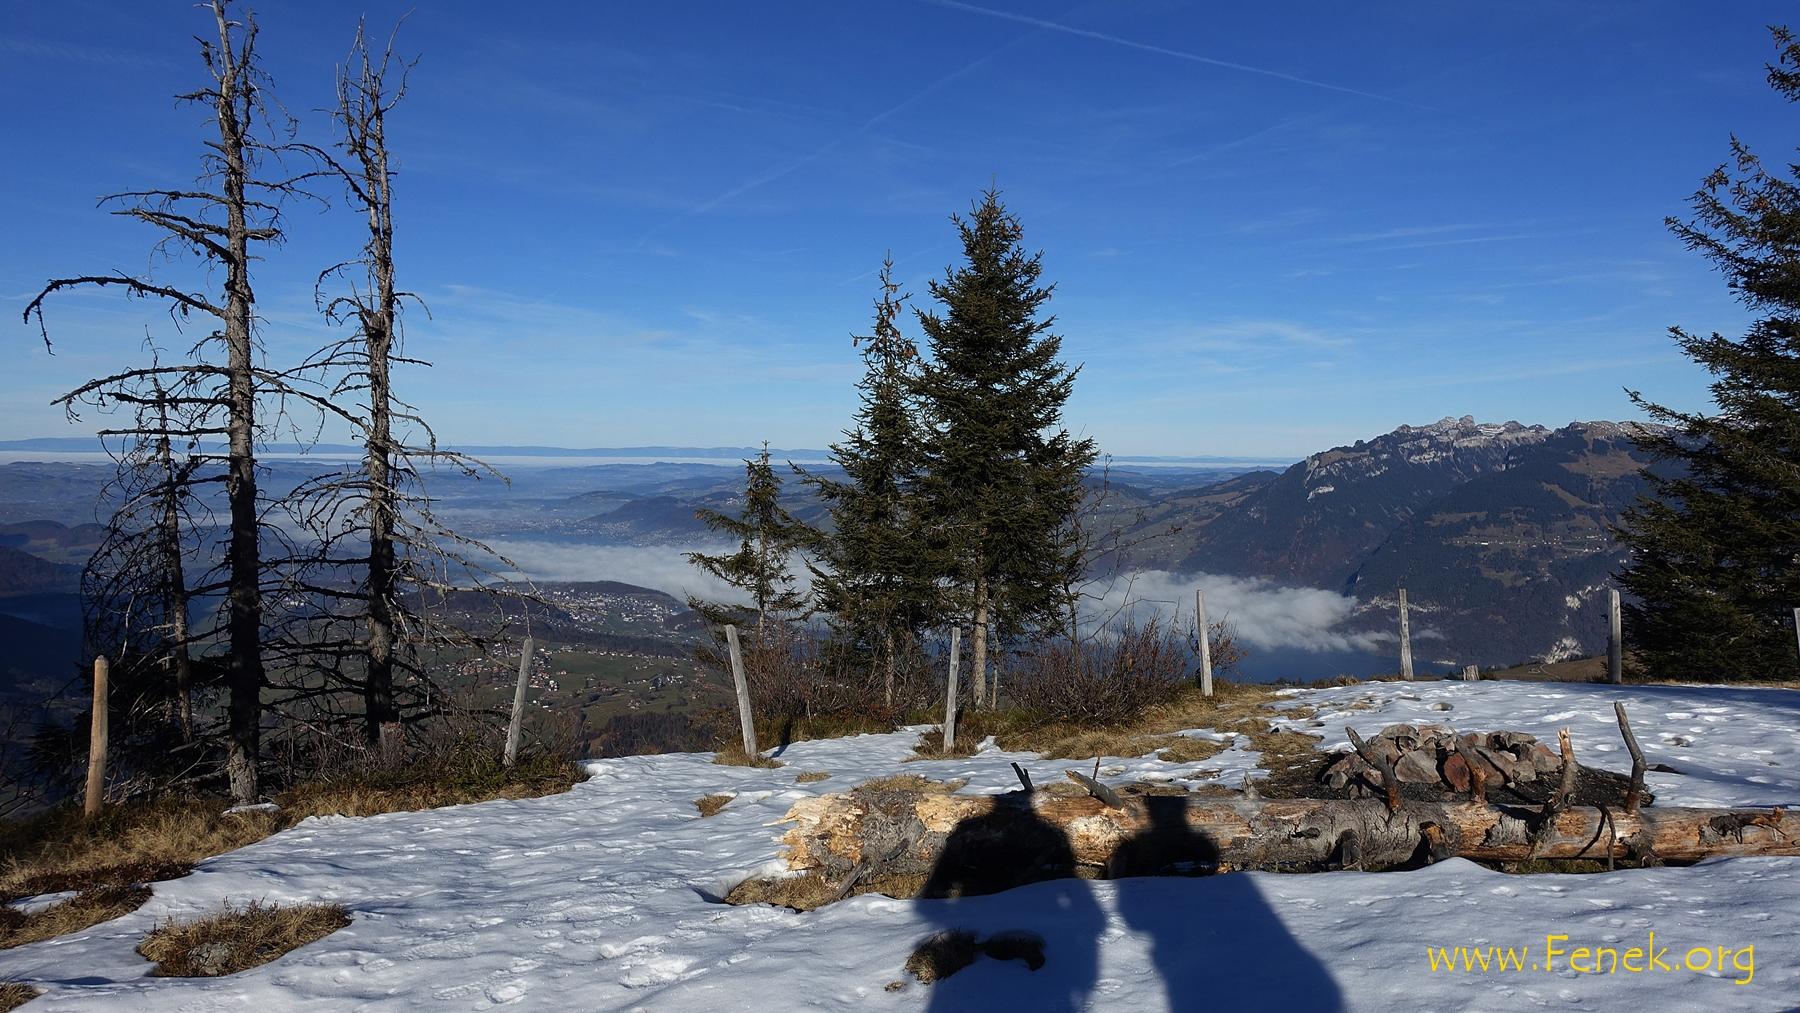 zwei Glückliche auf dem Engelhorn